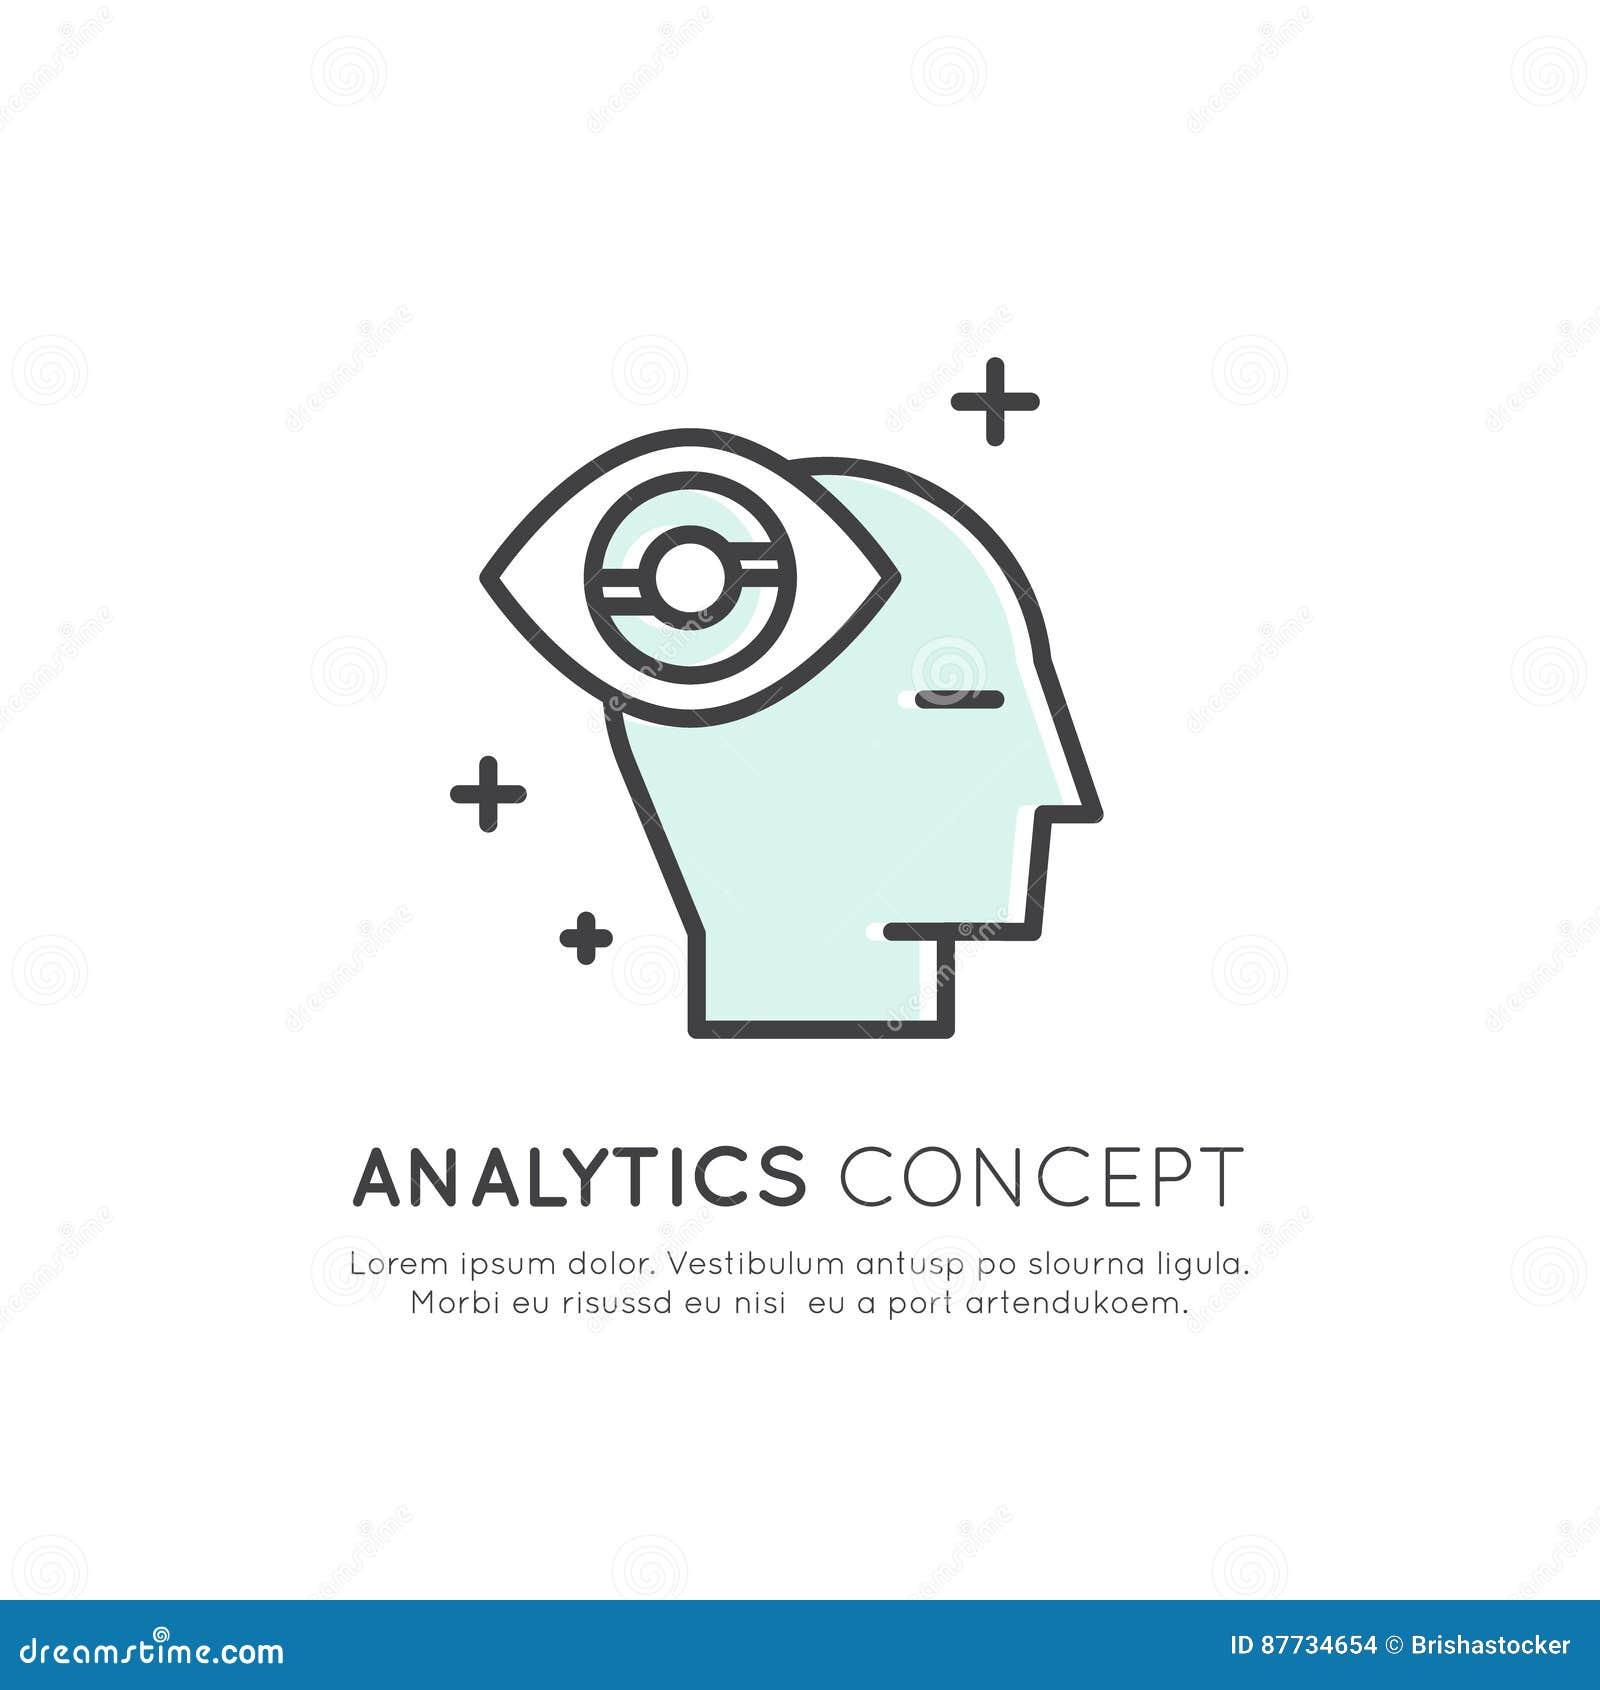 Illustratie van Analytics, Beheer, Bedrijfs het Denken Vaardigheid, Besluit - het maken, Tijdbeheer, Geheugen, Sitemap, Brainstor